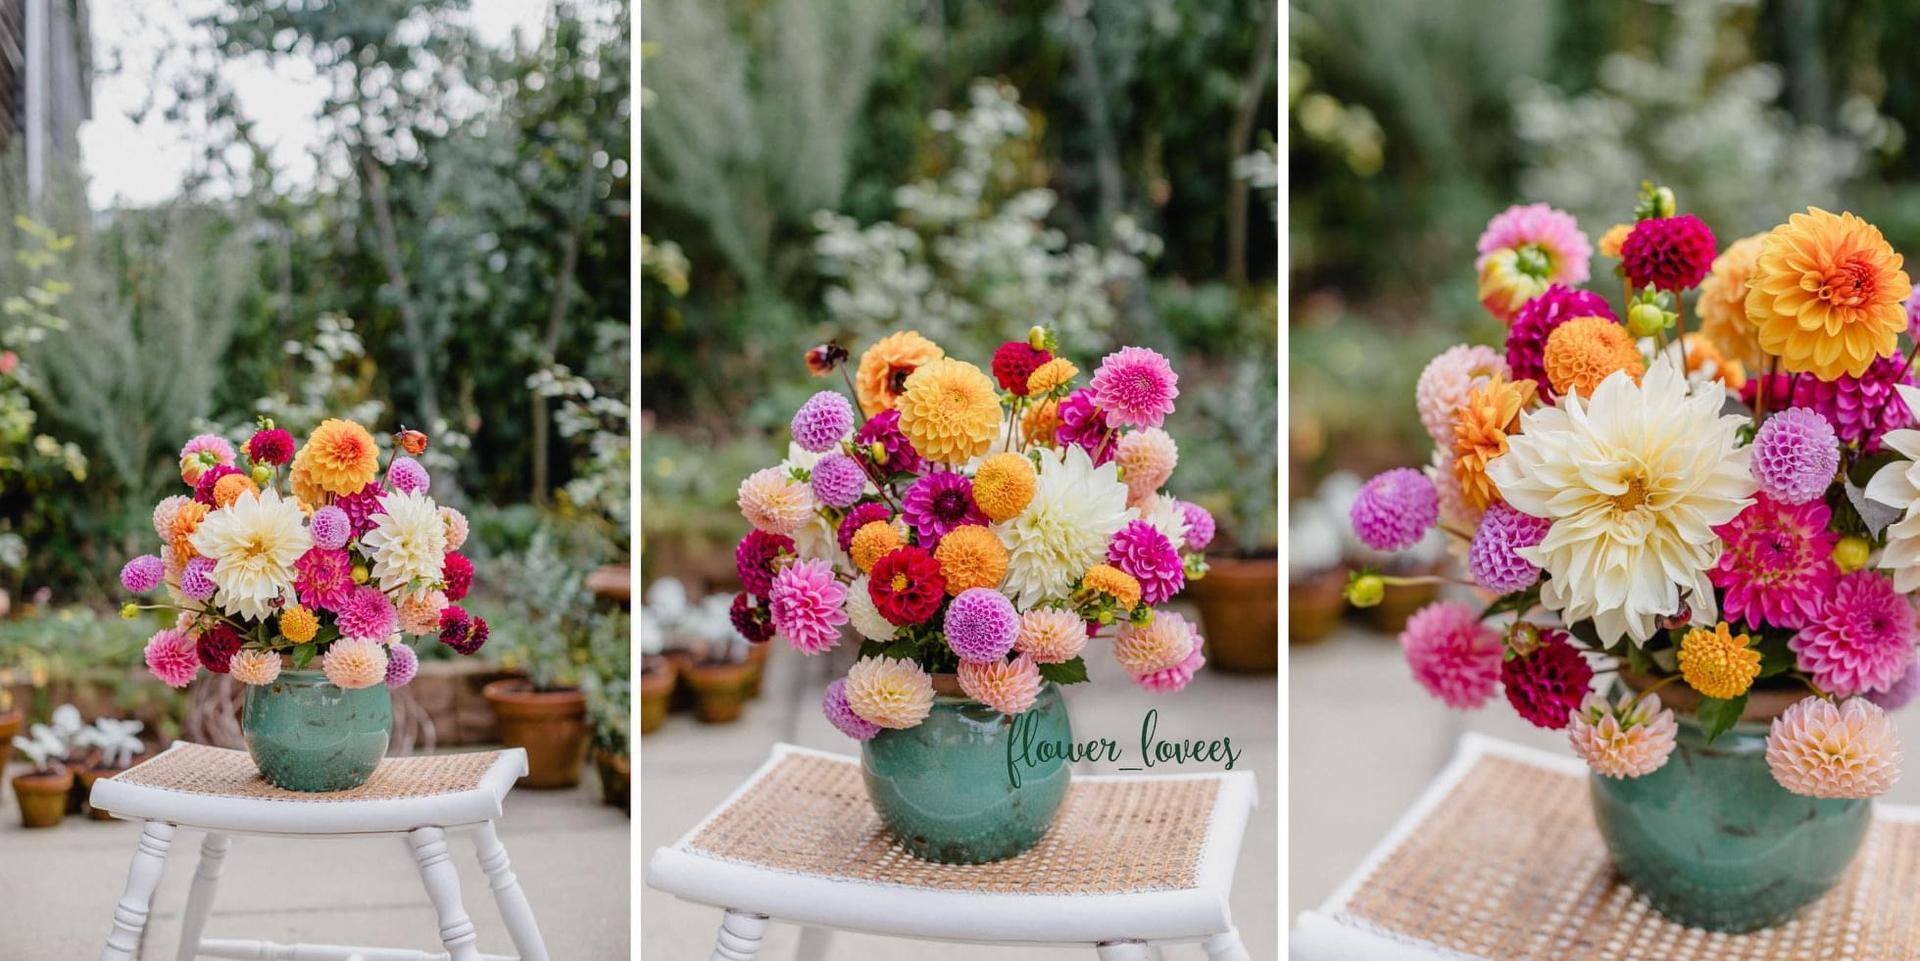 Kvetove dekoracie - Obrázok č. 13